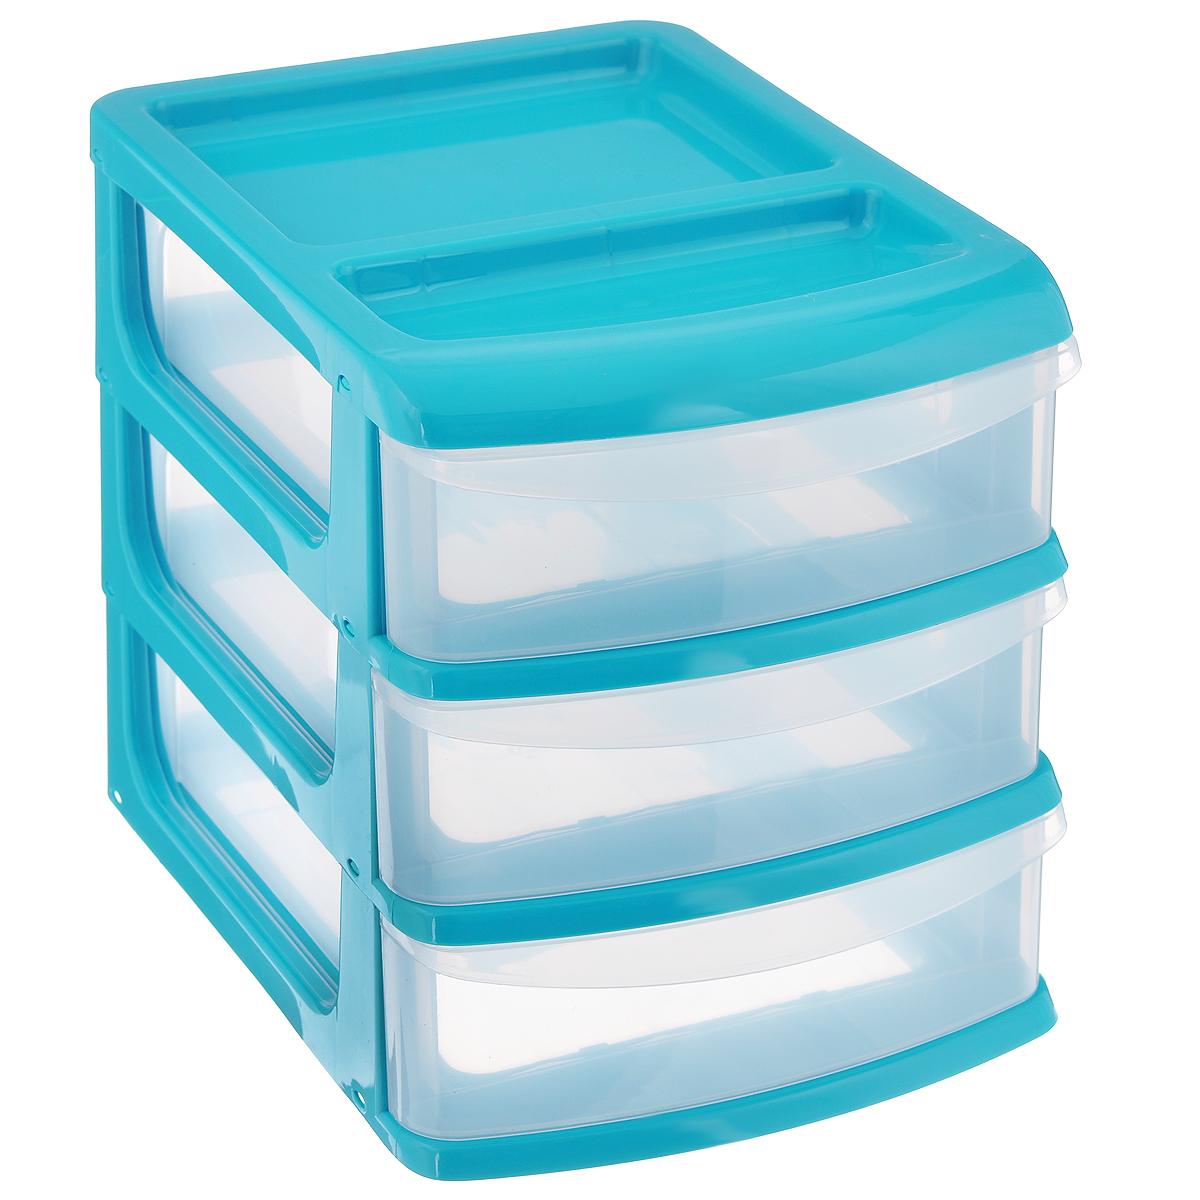 Бокс универсальный Idea, 3 секции, цвет: бирюзовый, прозрачный, 24,5 х 17,5 х 20 смМ 2765_бирюзовыйУниверсальный бокс Idea выполнен из высококачественного пластика и имеет три удобные выдвижные секции. Бокс предназначен для хранения предметов шитья, рукоделия, хобби и всех необходимых мелочей. Изделие позволит компактно хранить вещи, поддерживая порядок и уют в вашем доме.Размер секции: 21,5 см х 15 см х 5 см.